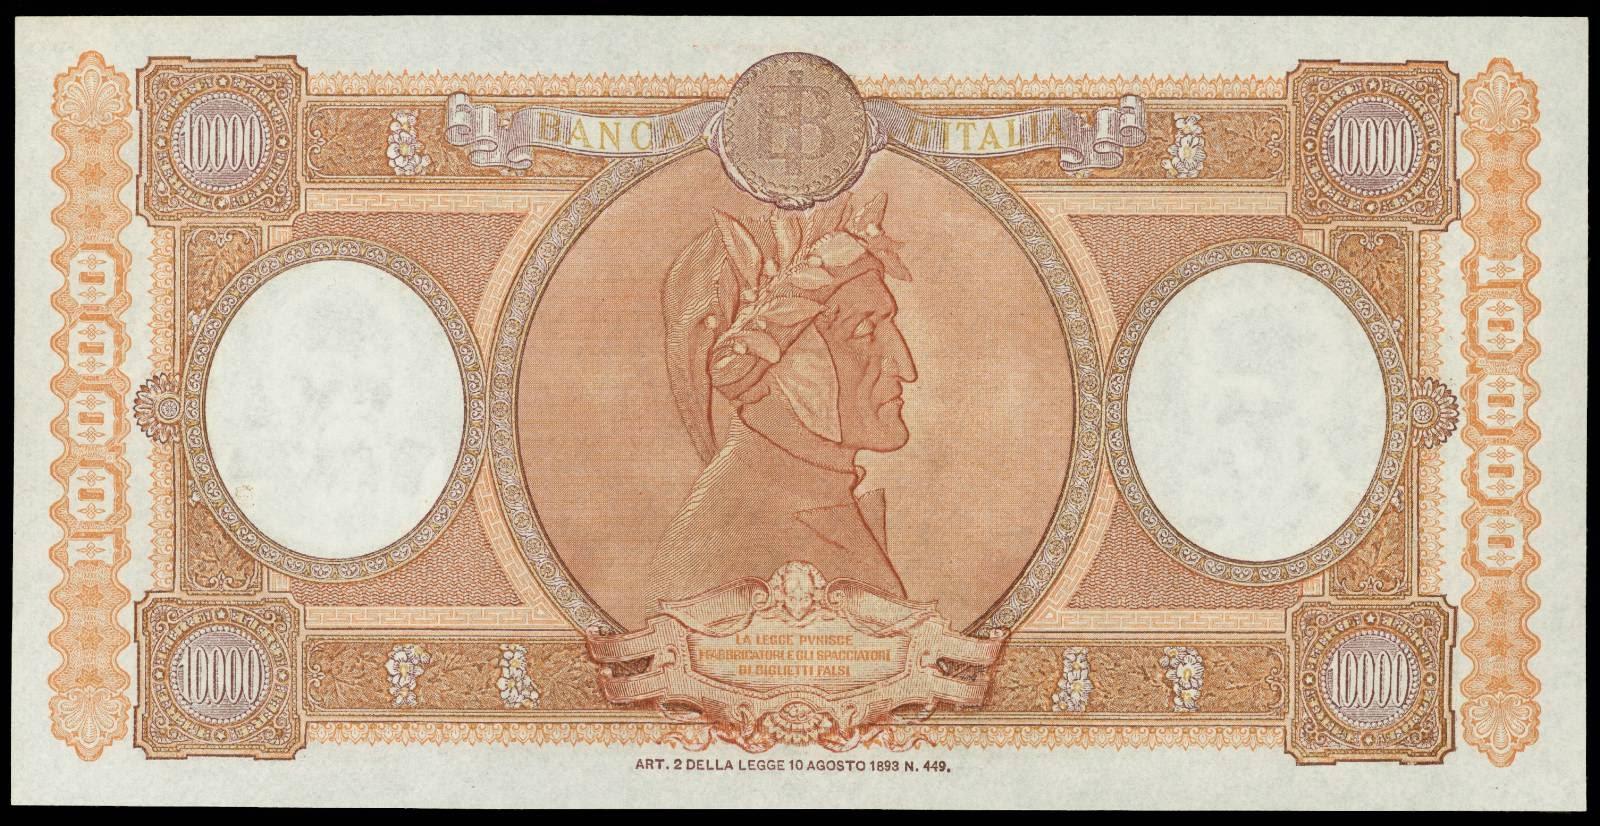 Italy 10000 Lira note 1955 Dante